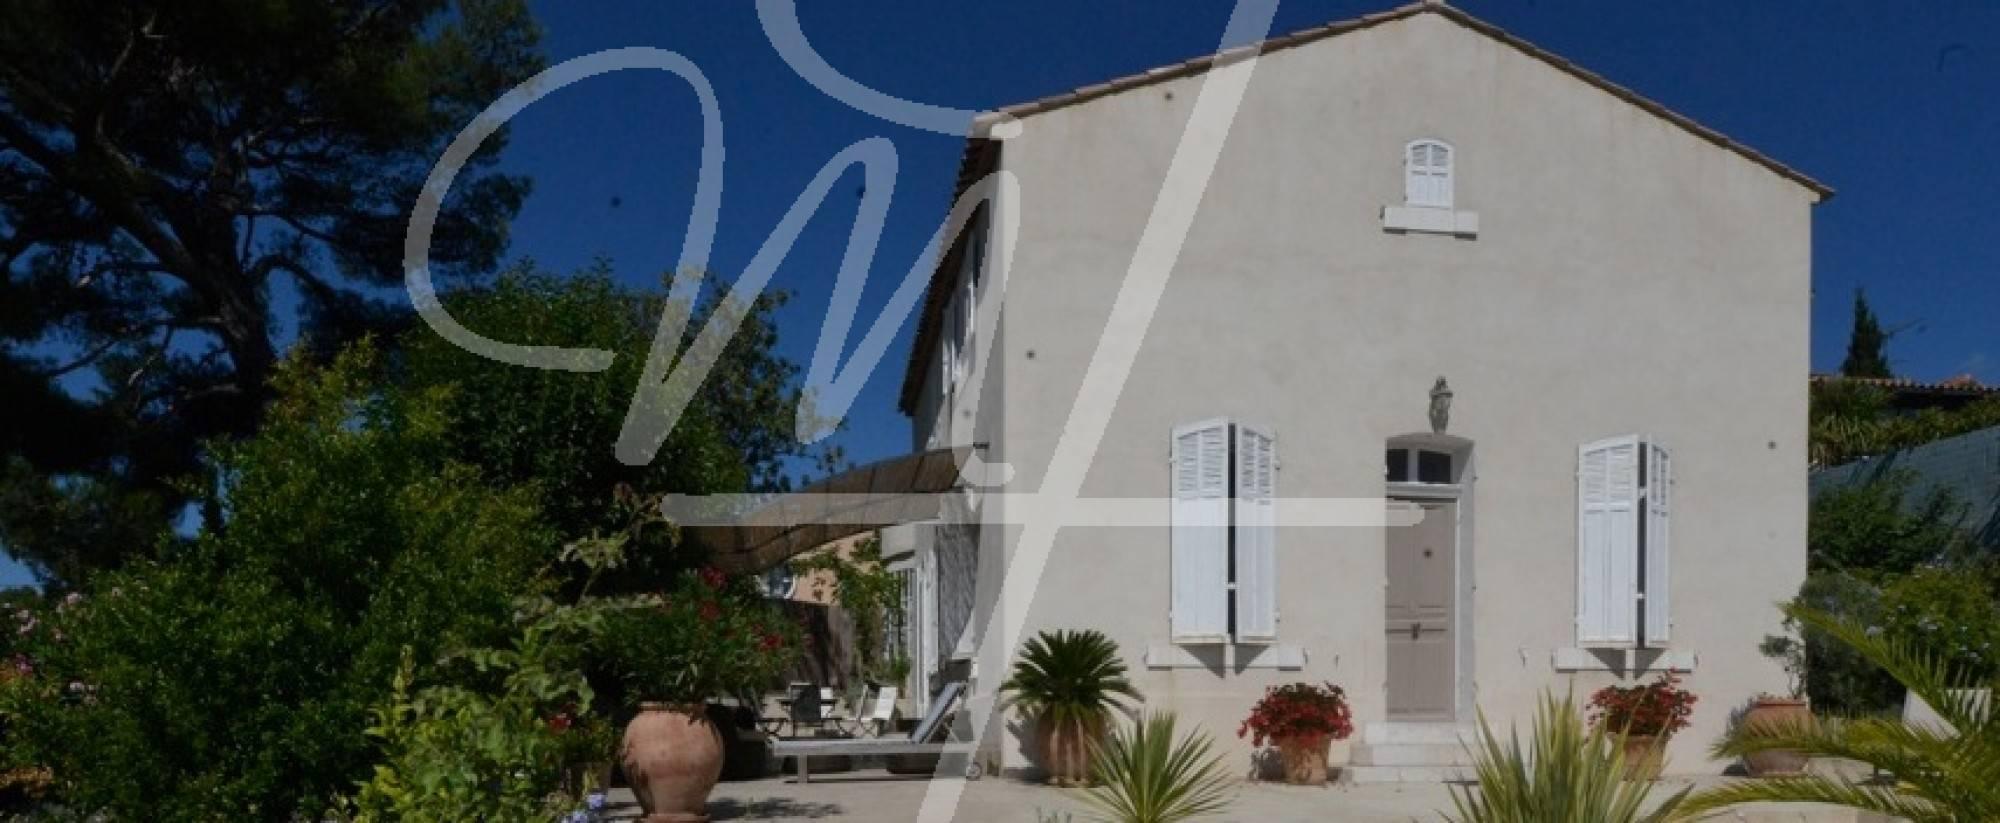 Ventes maison bourgeoise T5 F5 CASSIS centre Transactions ...